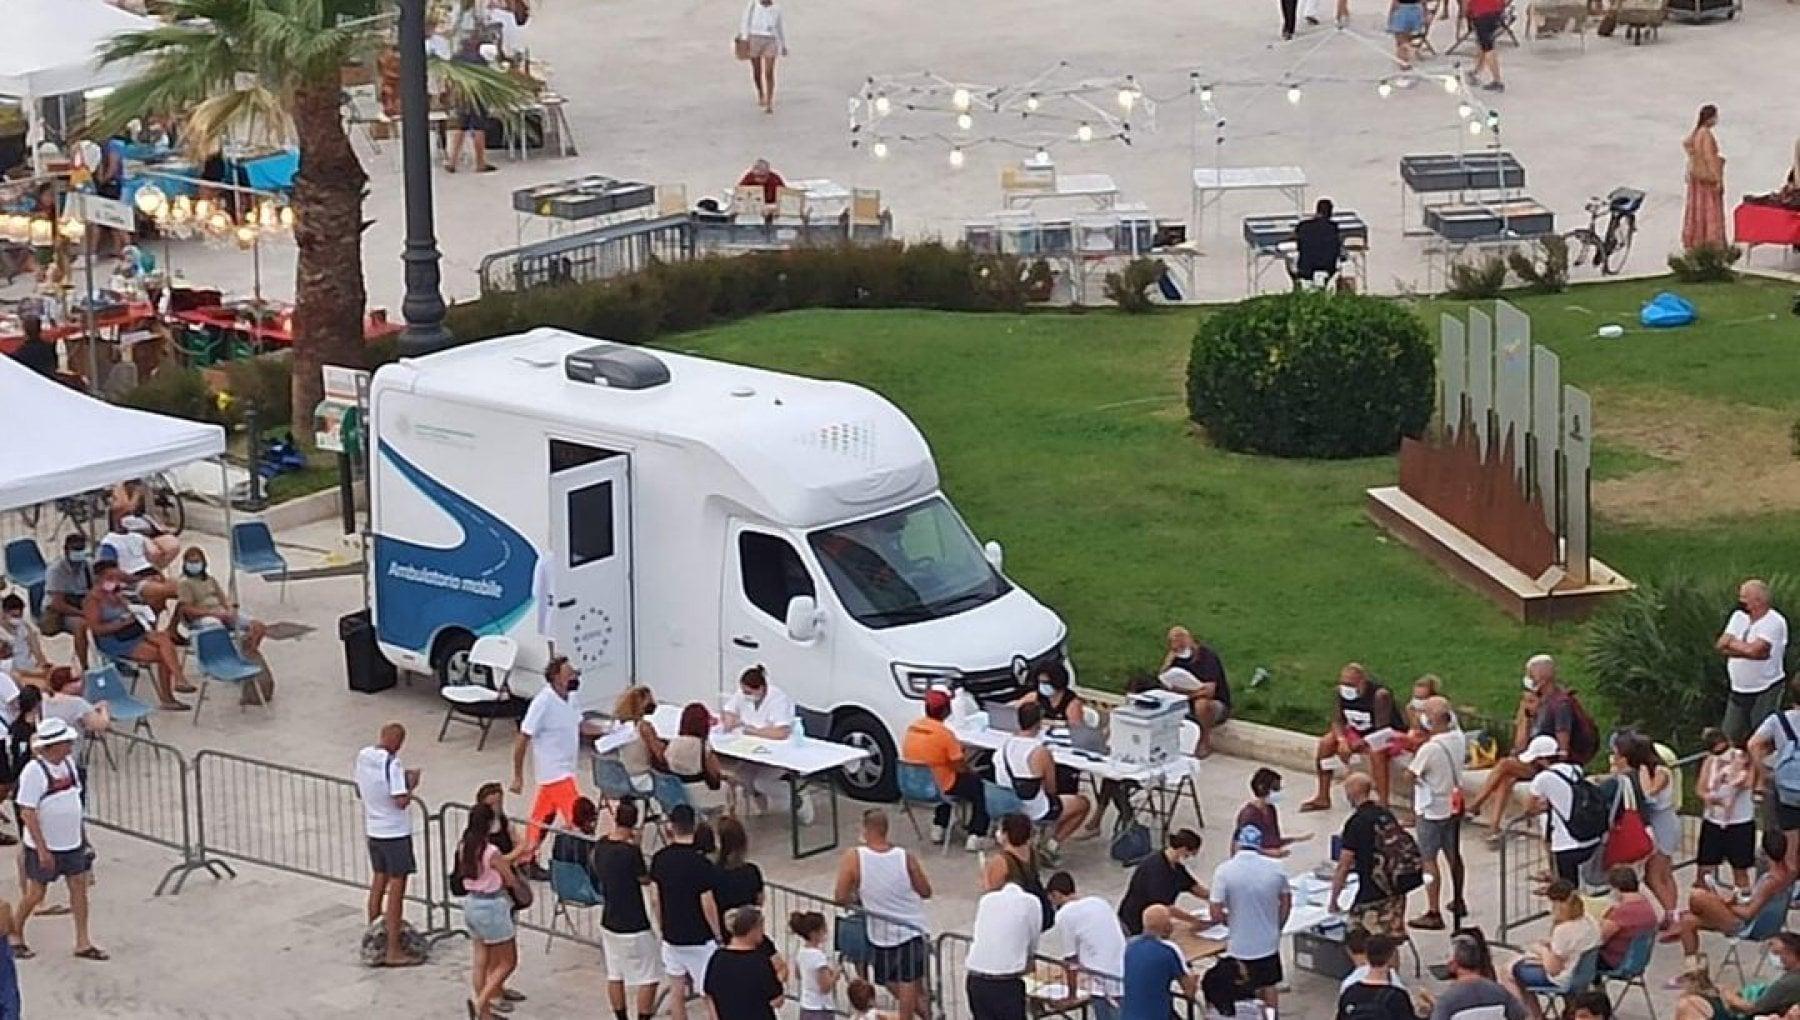 122508607 fa1c1432 dbc6 410d 91d8 0b59051ed721 - Vaccini, l'Happy Pfizer della Riviera romagnola: dosi in spiaggia e cliniche mobili per la movida